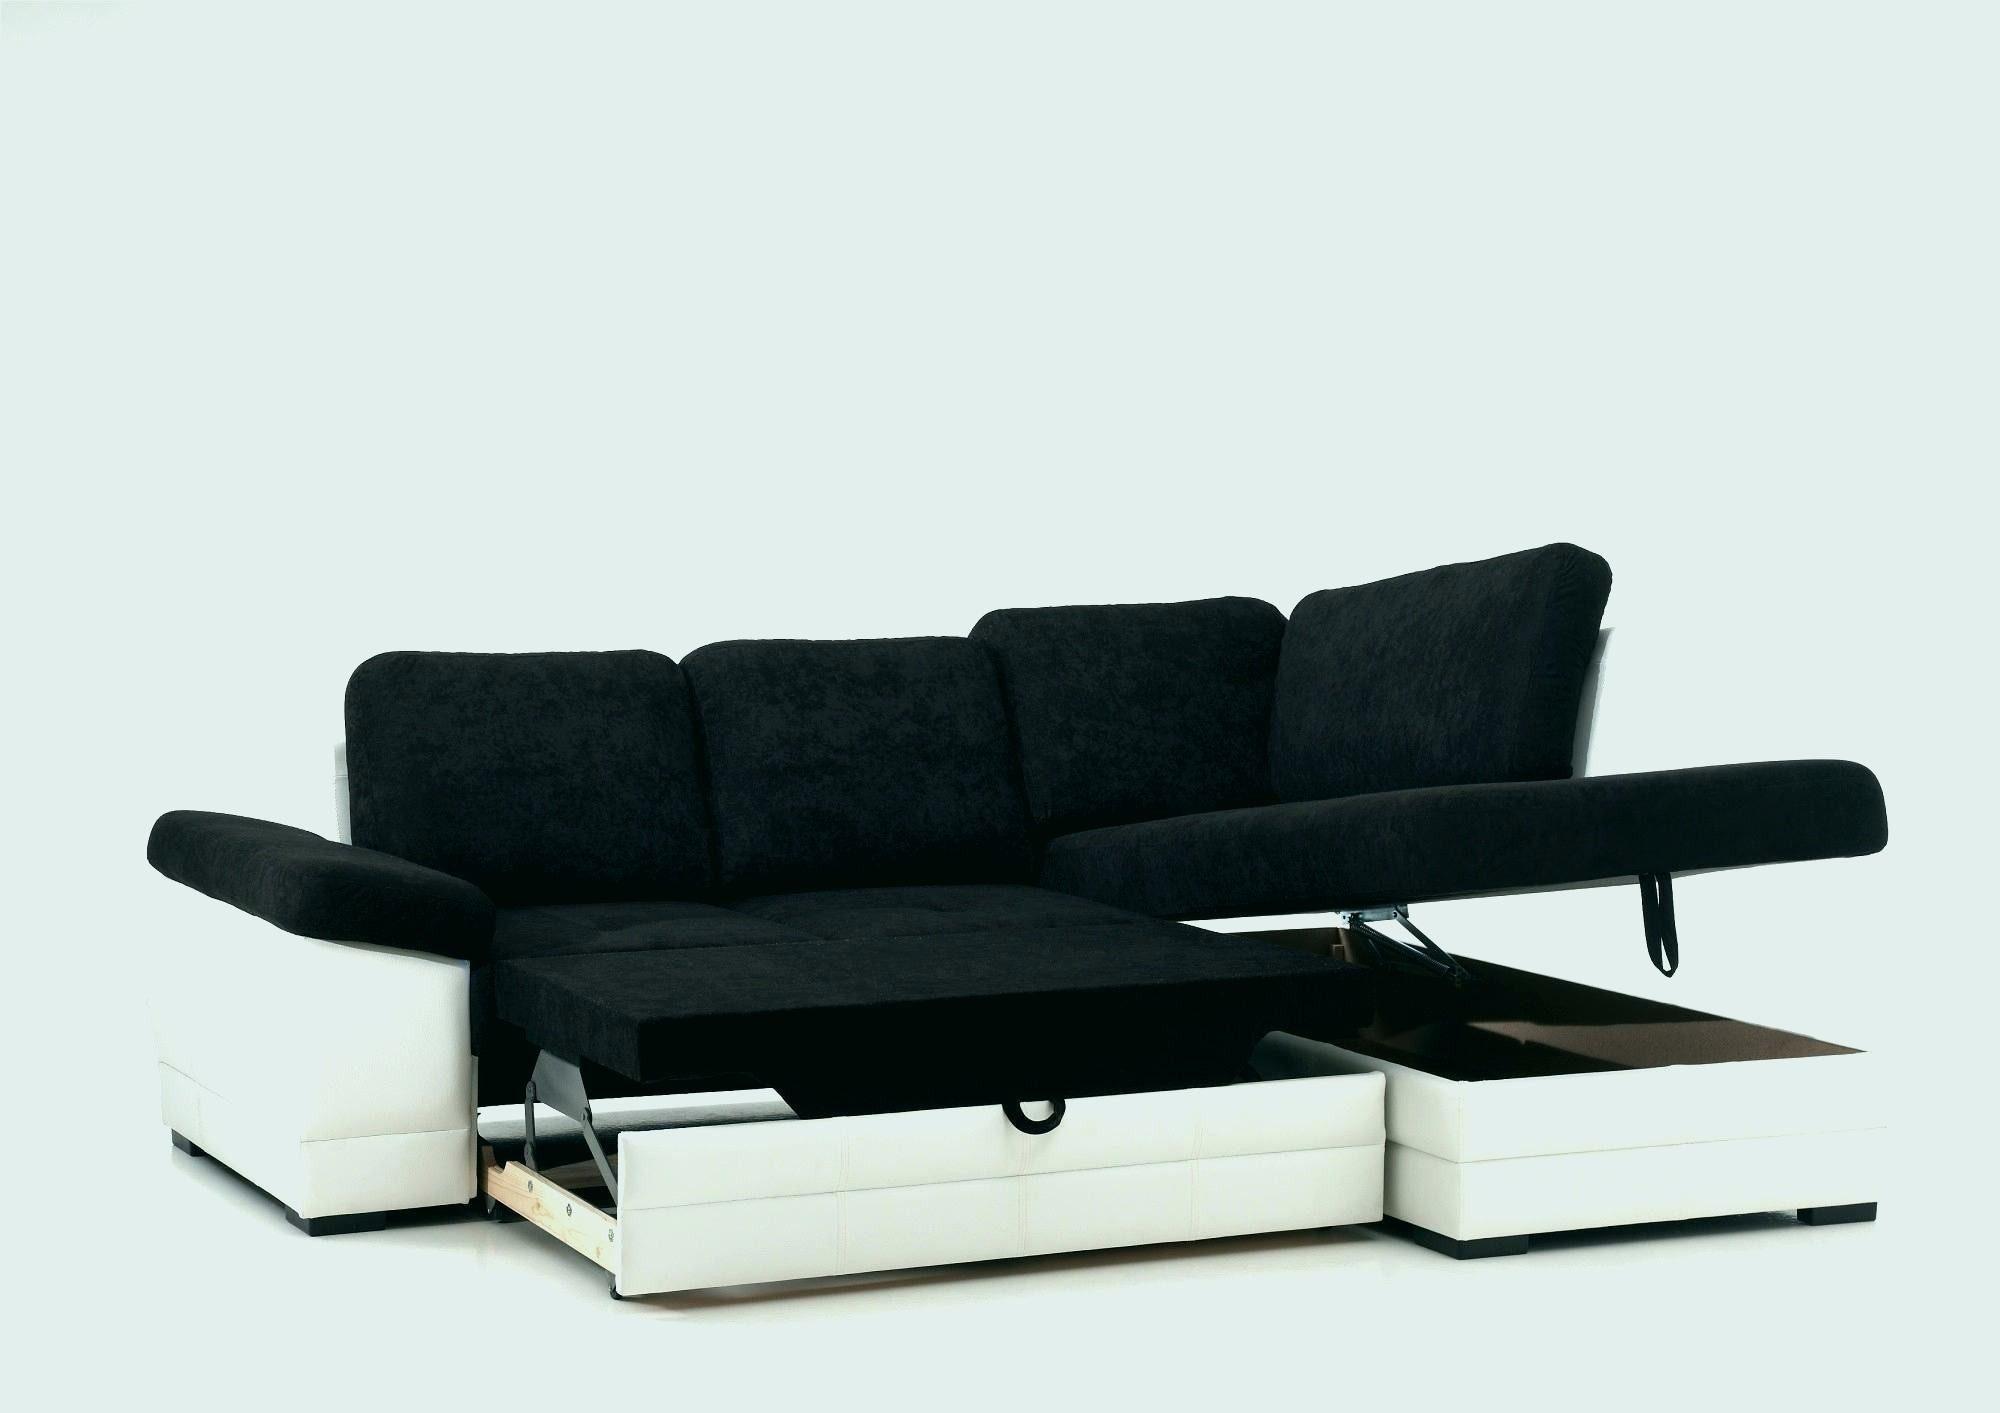 Canapé Lit Noir Inspirant Juste Coussin Pour Canapé Noir Dans Maha De Canapé Lit Angle